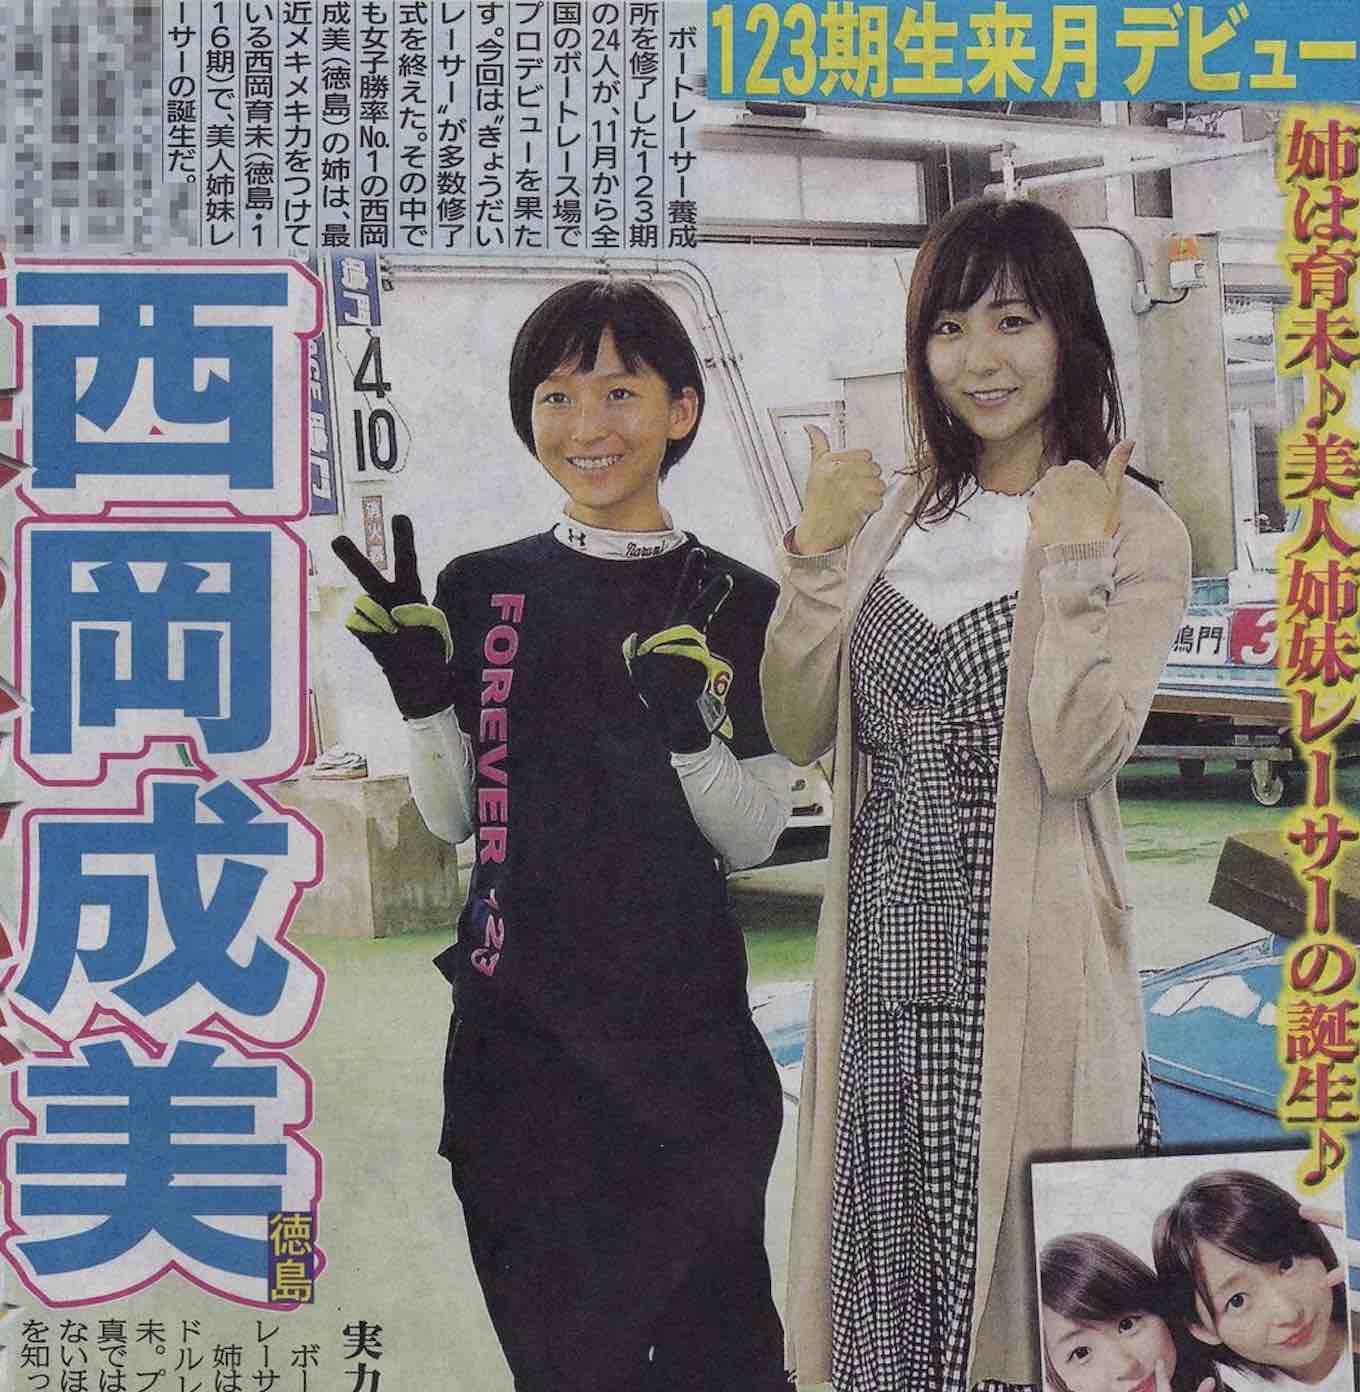 西岡成美競艇選手(女子ボートレーサー)の姉は、西岡育未選手